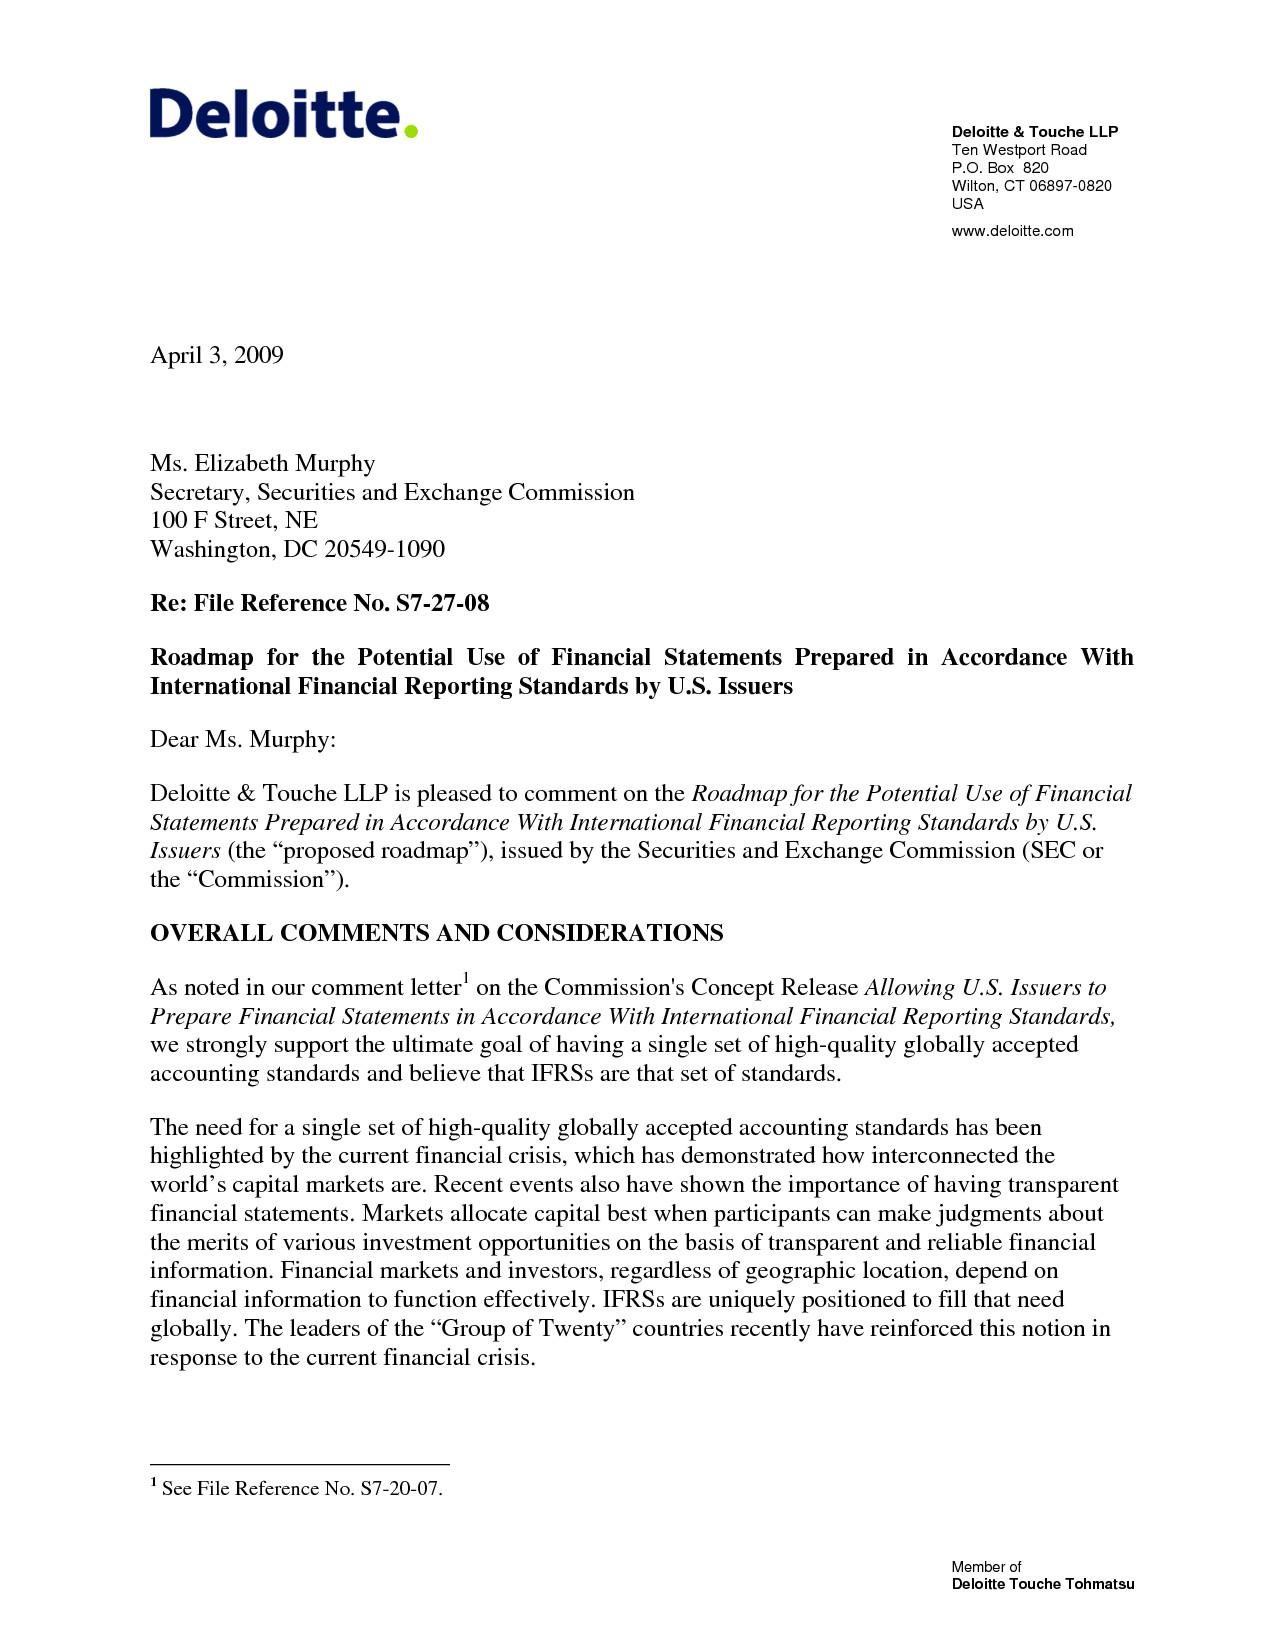 Cover Letter to Kpmg Deloitte Audit Intern Resume Deloitte Resume Resume Ideas